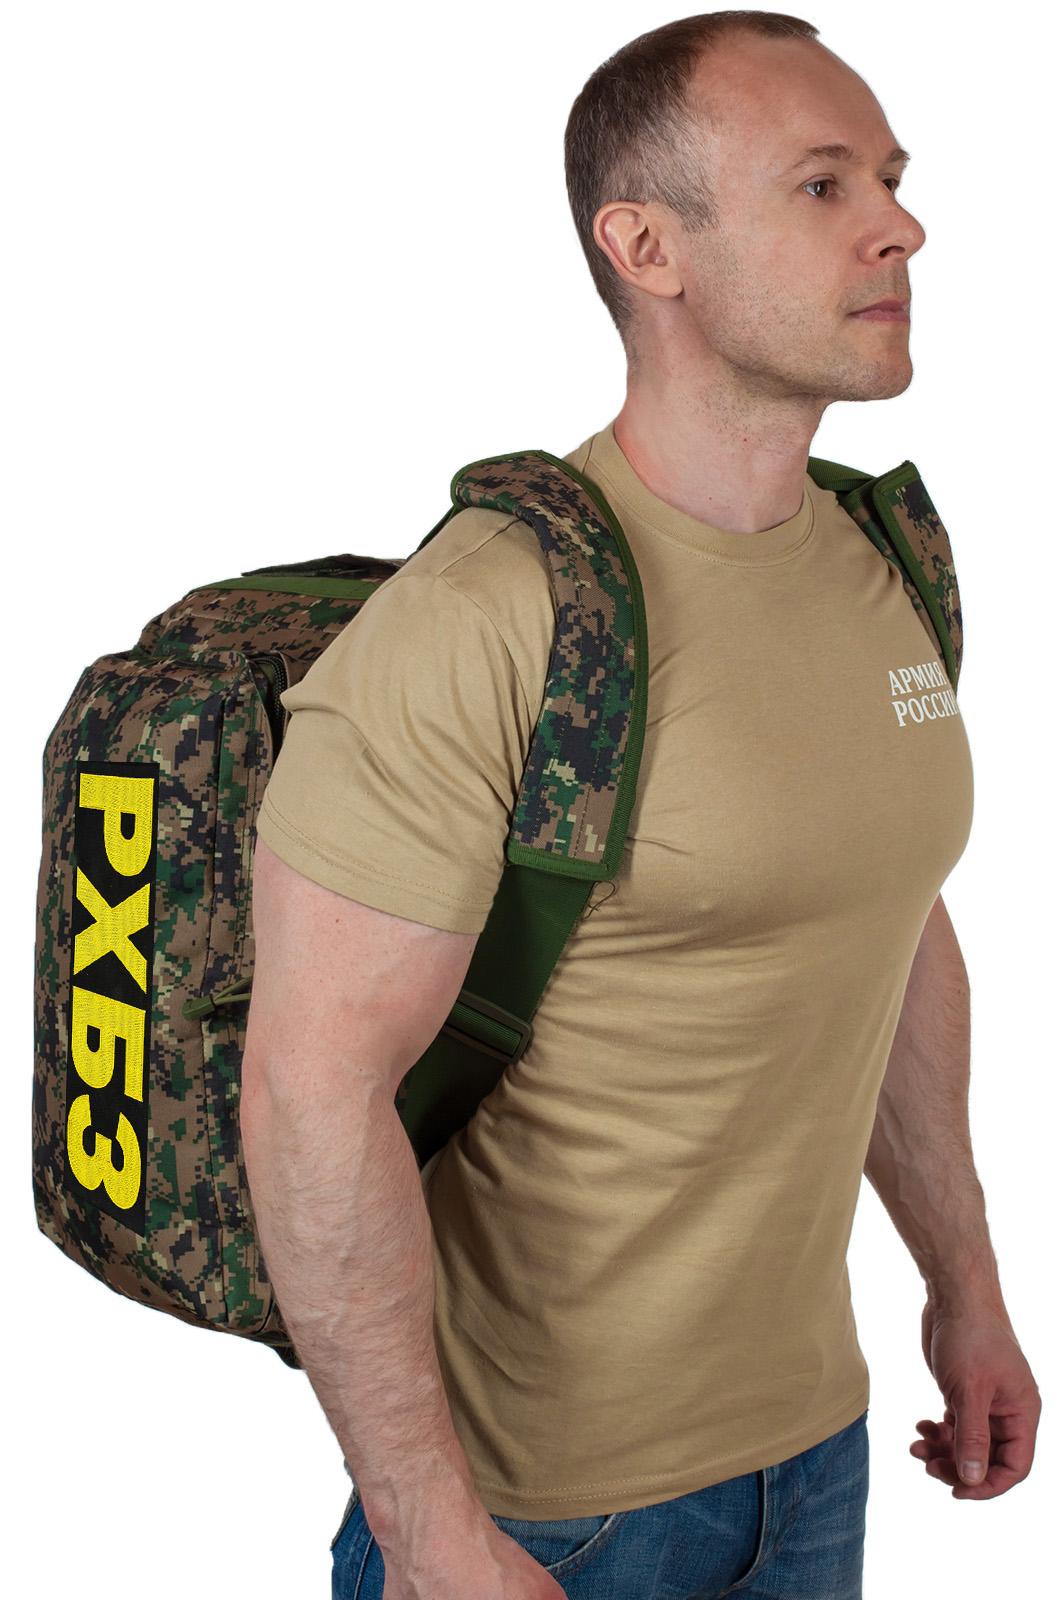 Заплечная тактическая сумка-баул РХБЗ - купить оптом